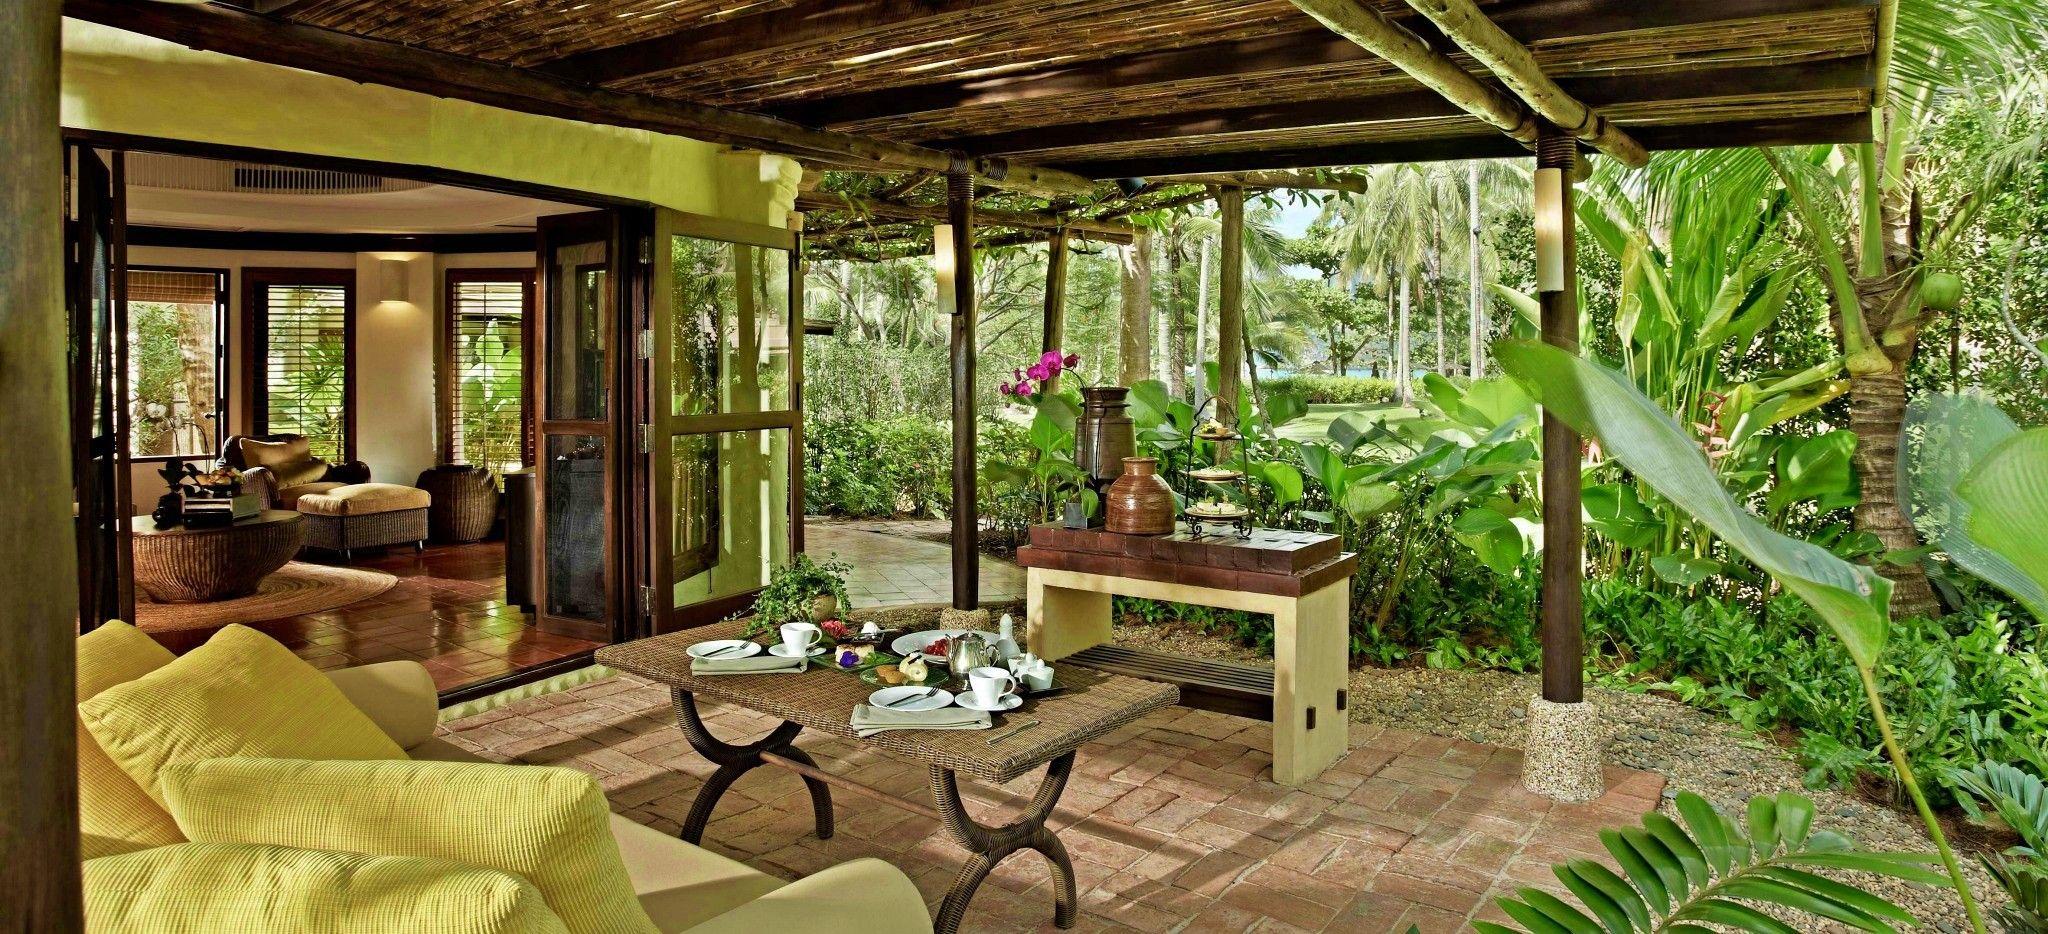 Eine Terrasse mitten im Dschungel vor einer Villa